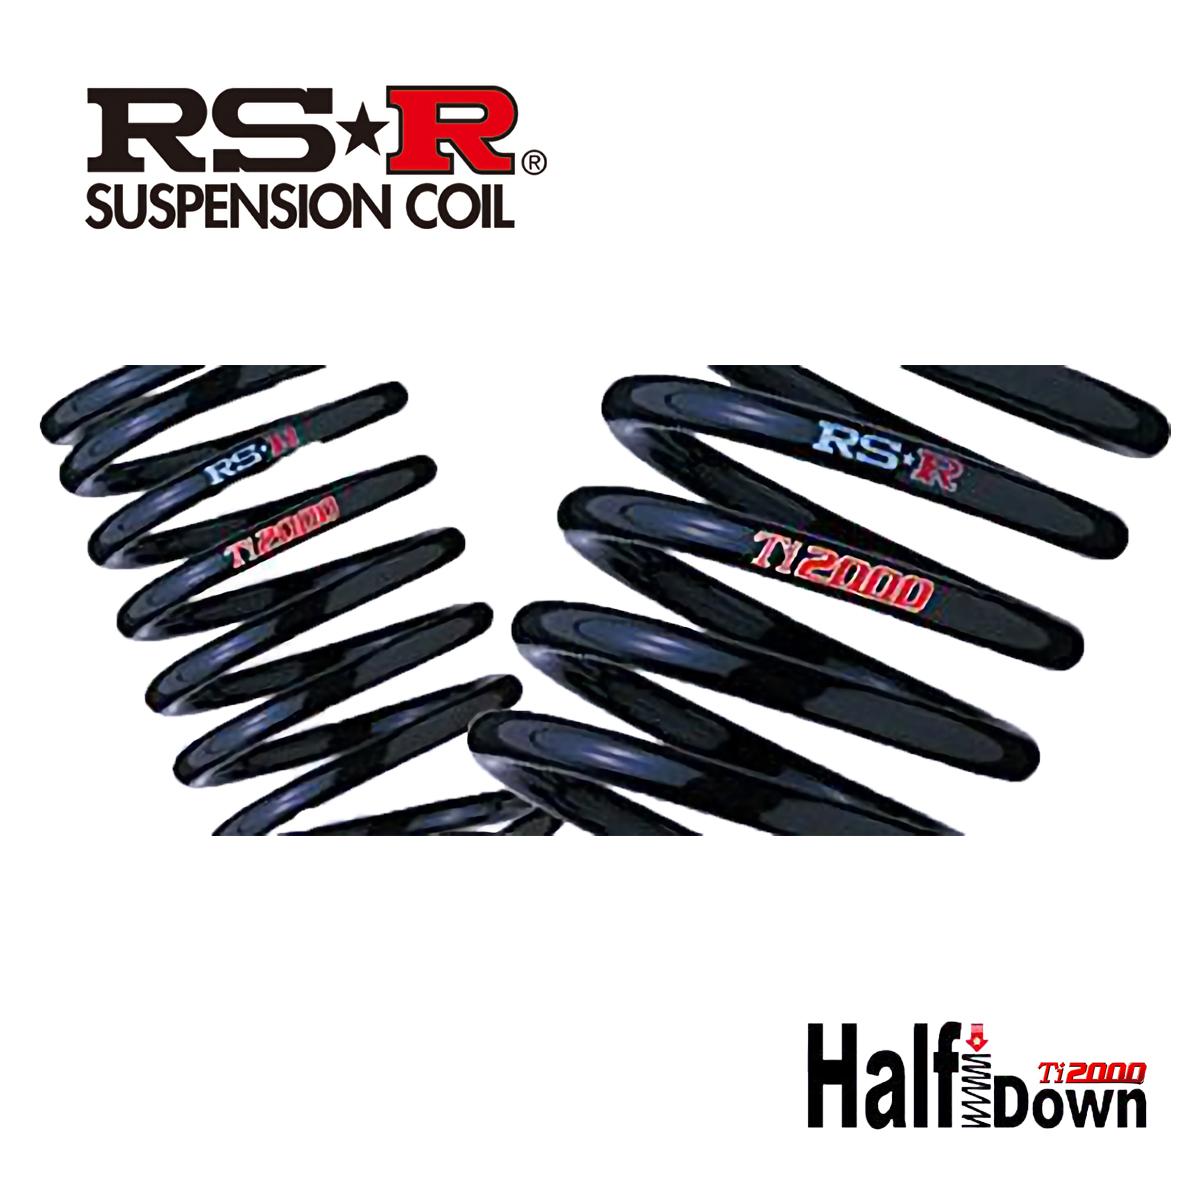 RS-R キャスト アクティバG ターボ SA2 LA250S ダウンサス スプリング 1台分 D250TD Ti2000 ダウン RSR 個人宅発送追金有